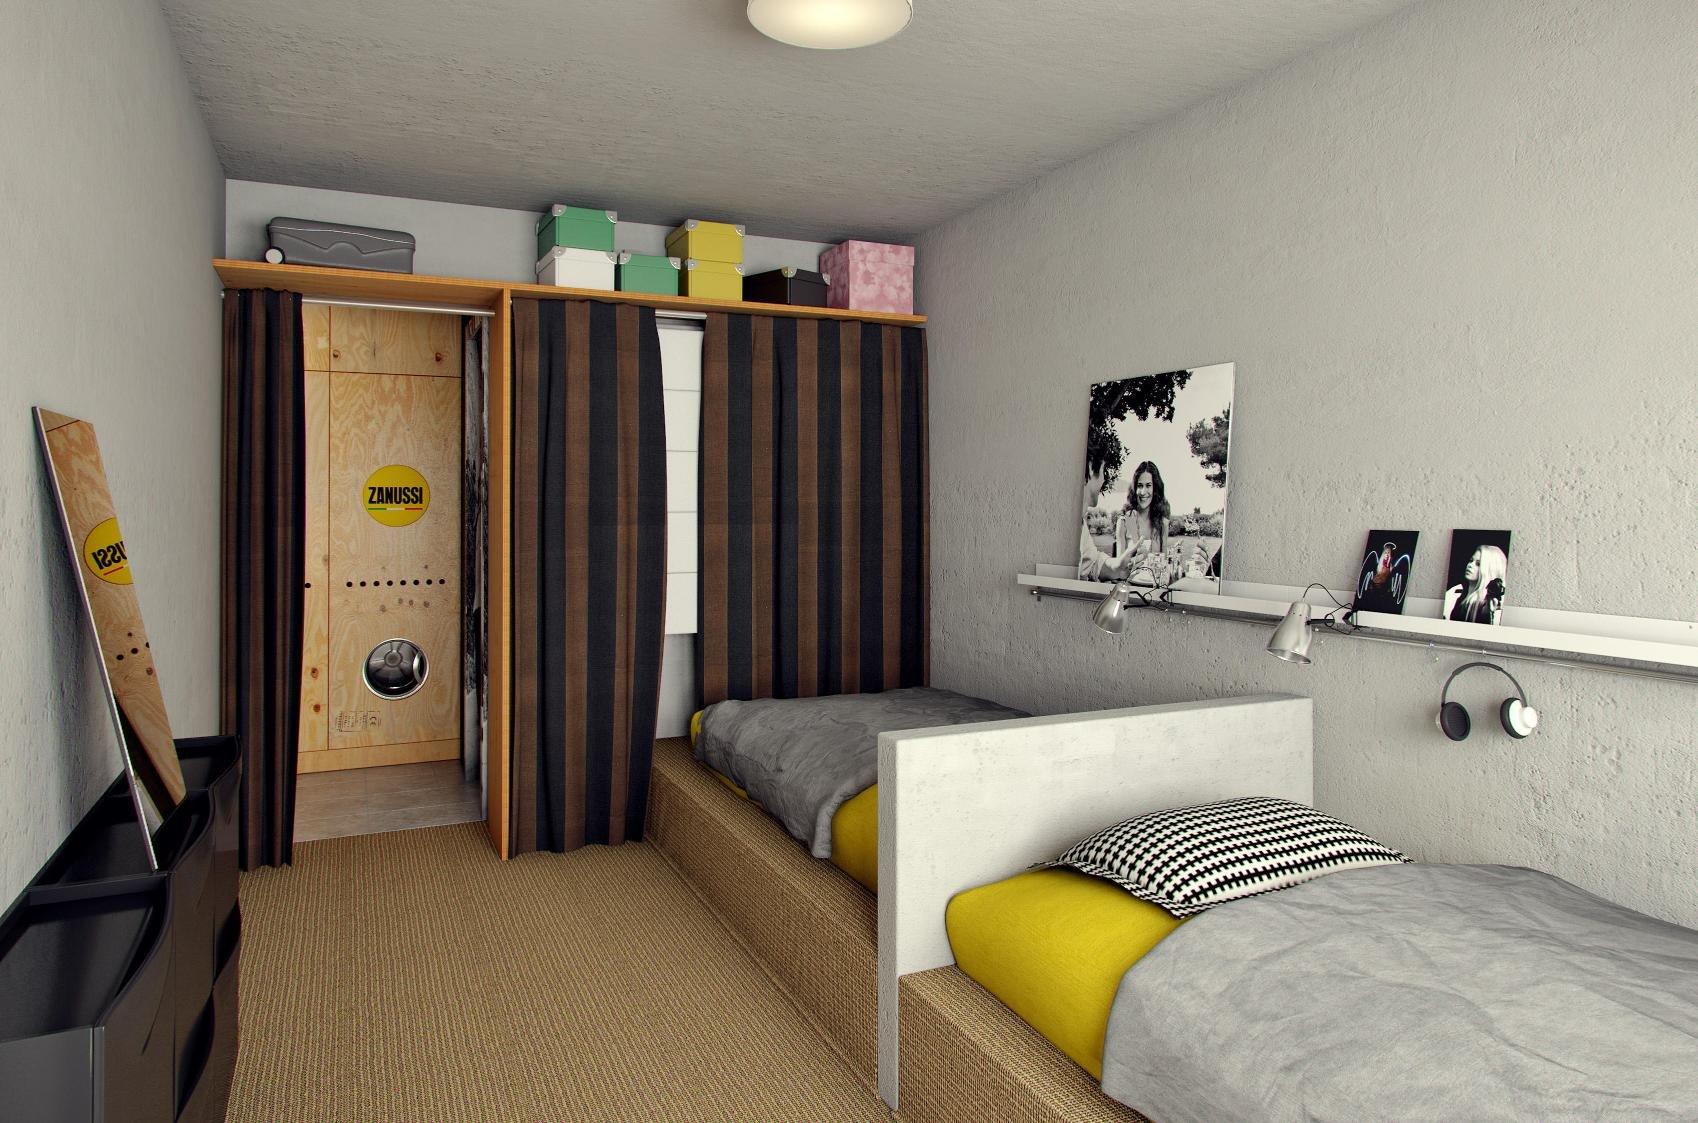 подойдут дизайн одной комнаты в общежитии фото последнюю очередь